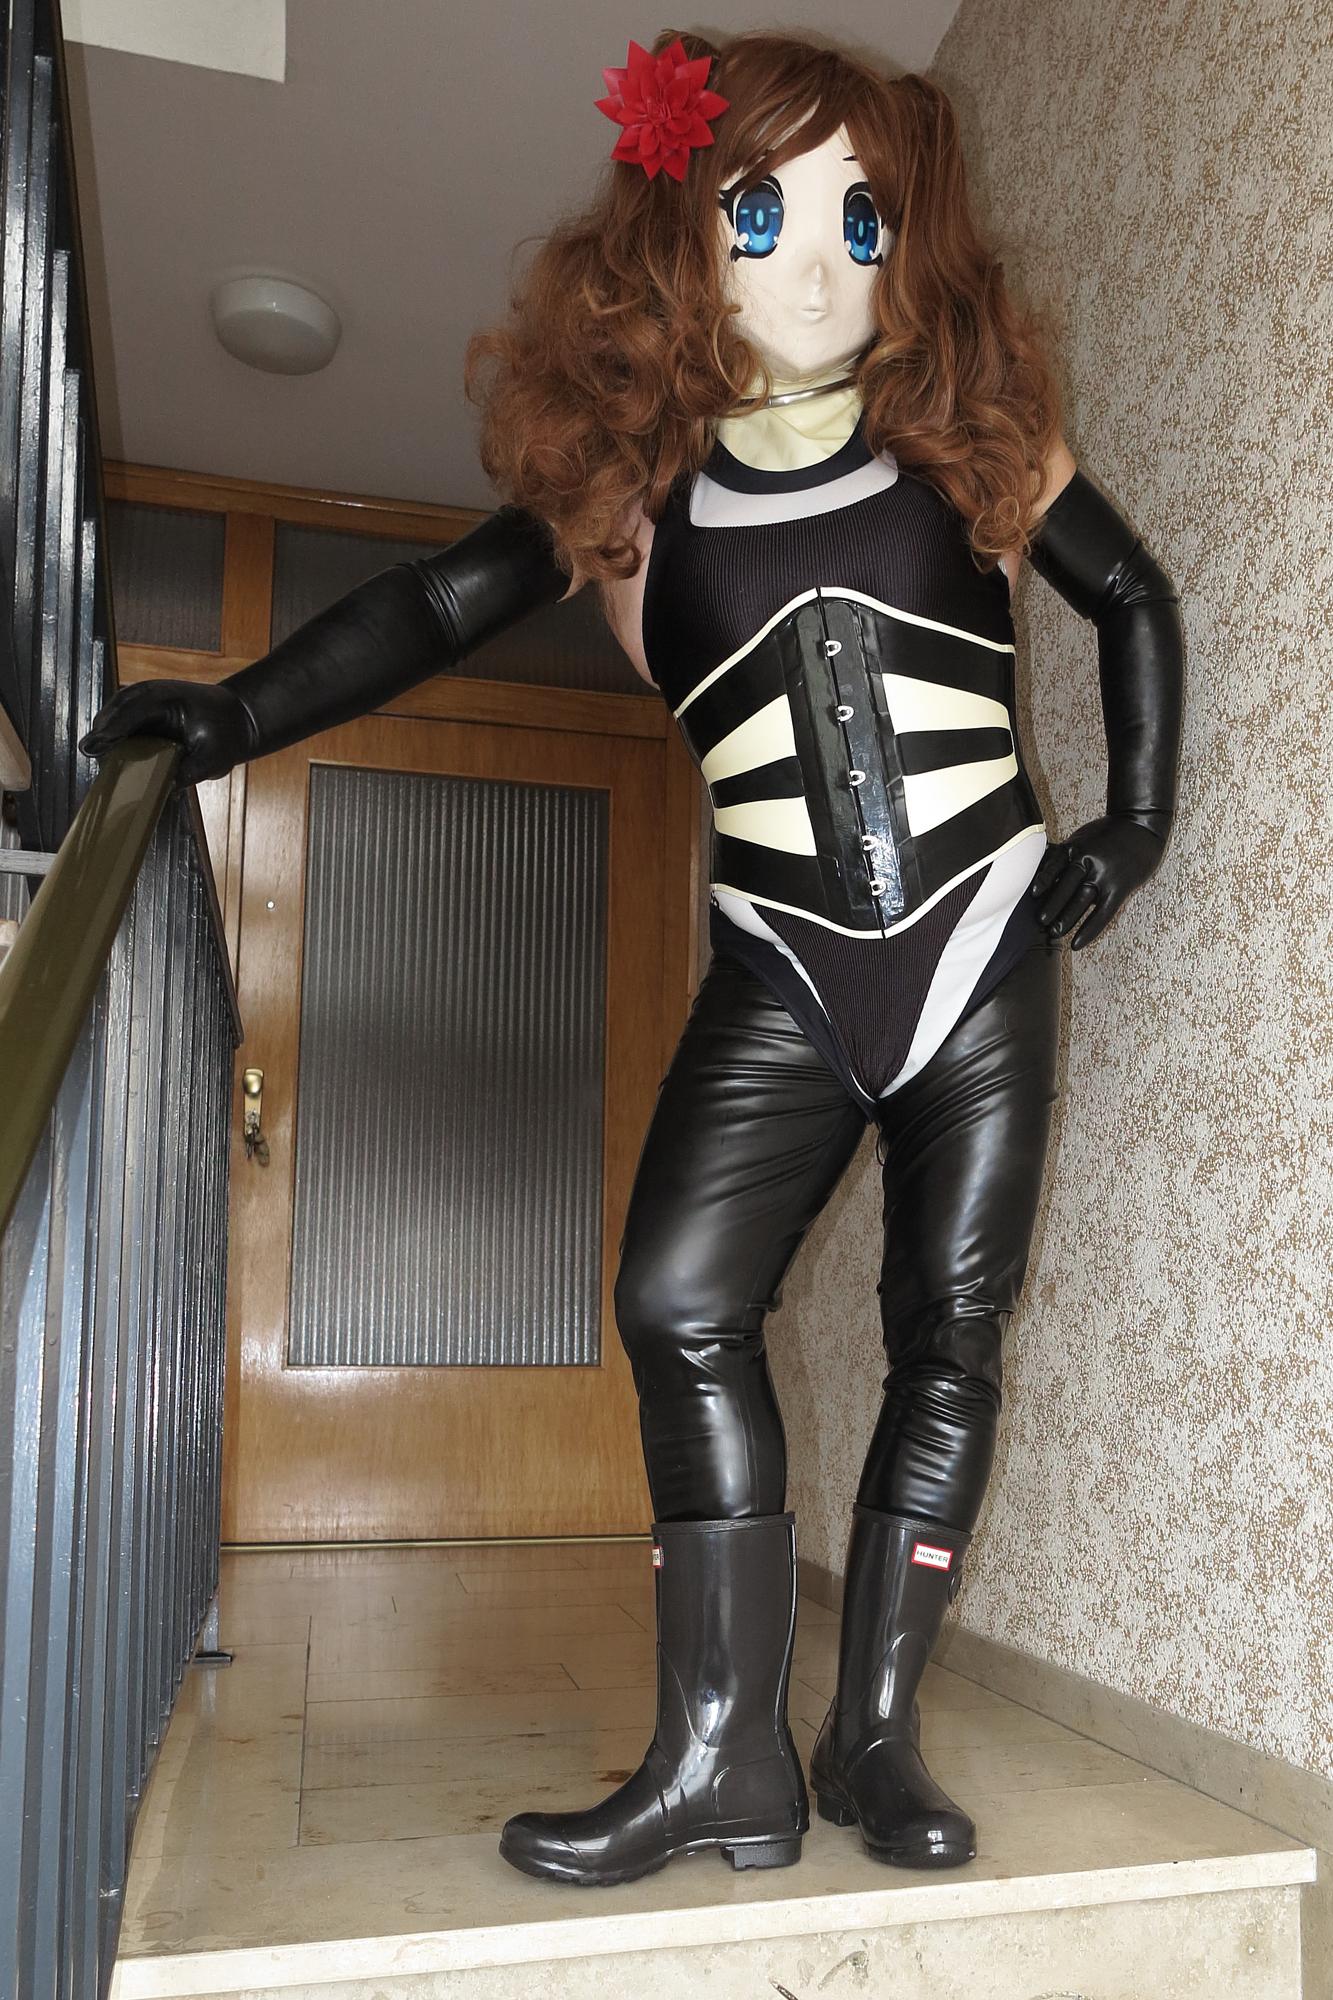 Asuka Akira Kig im schwarz-weiss Body